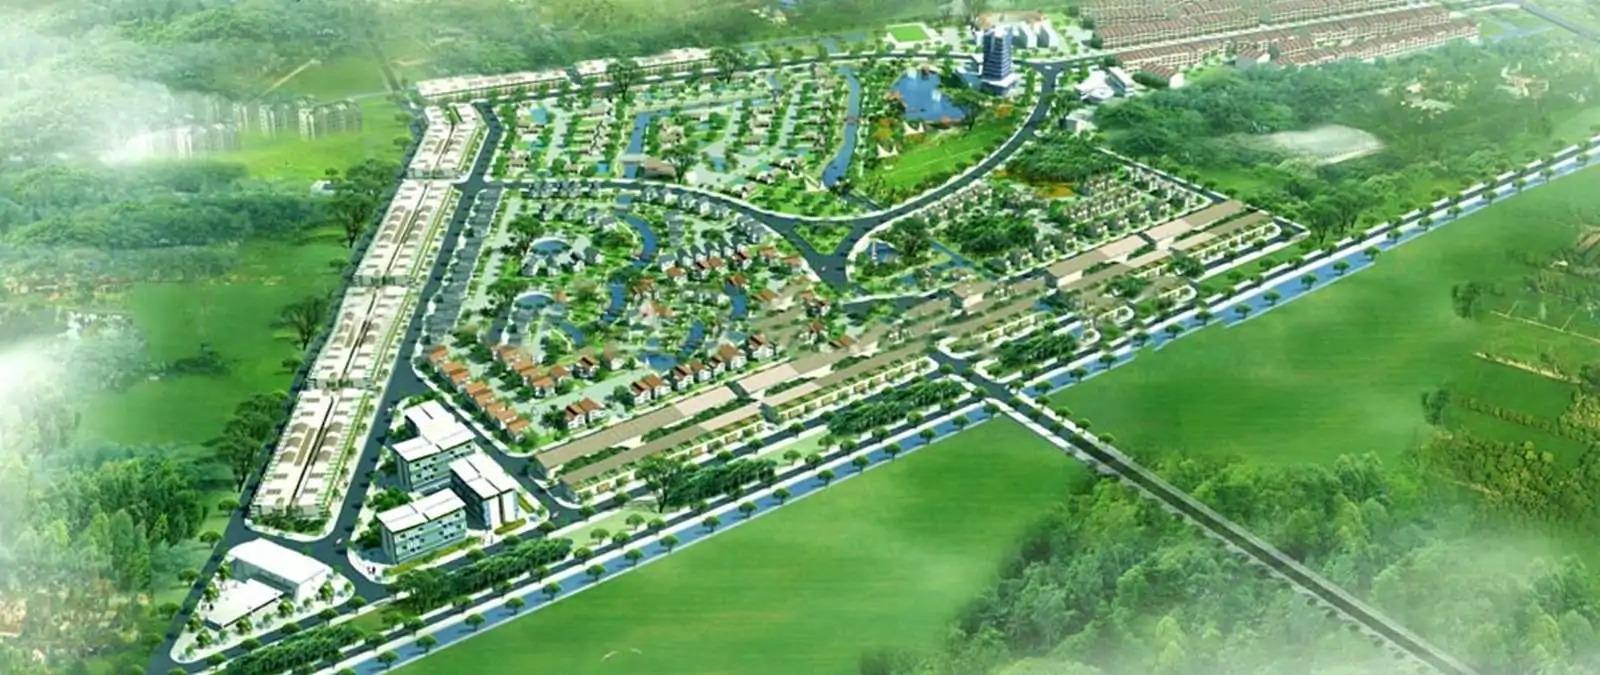 Dự án Hudland Bình Giang Hải Dương